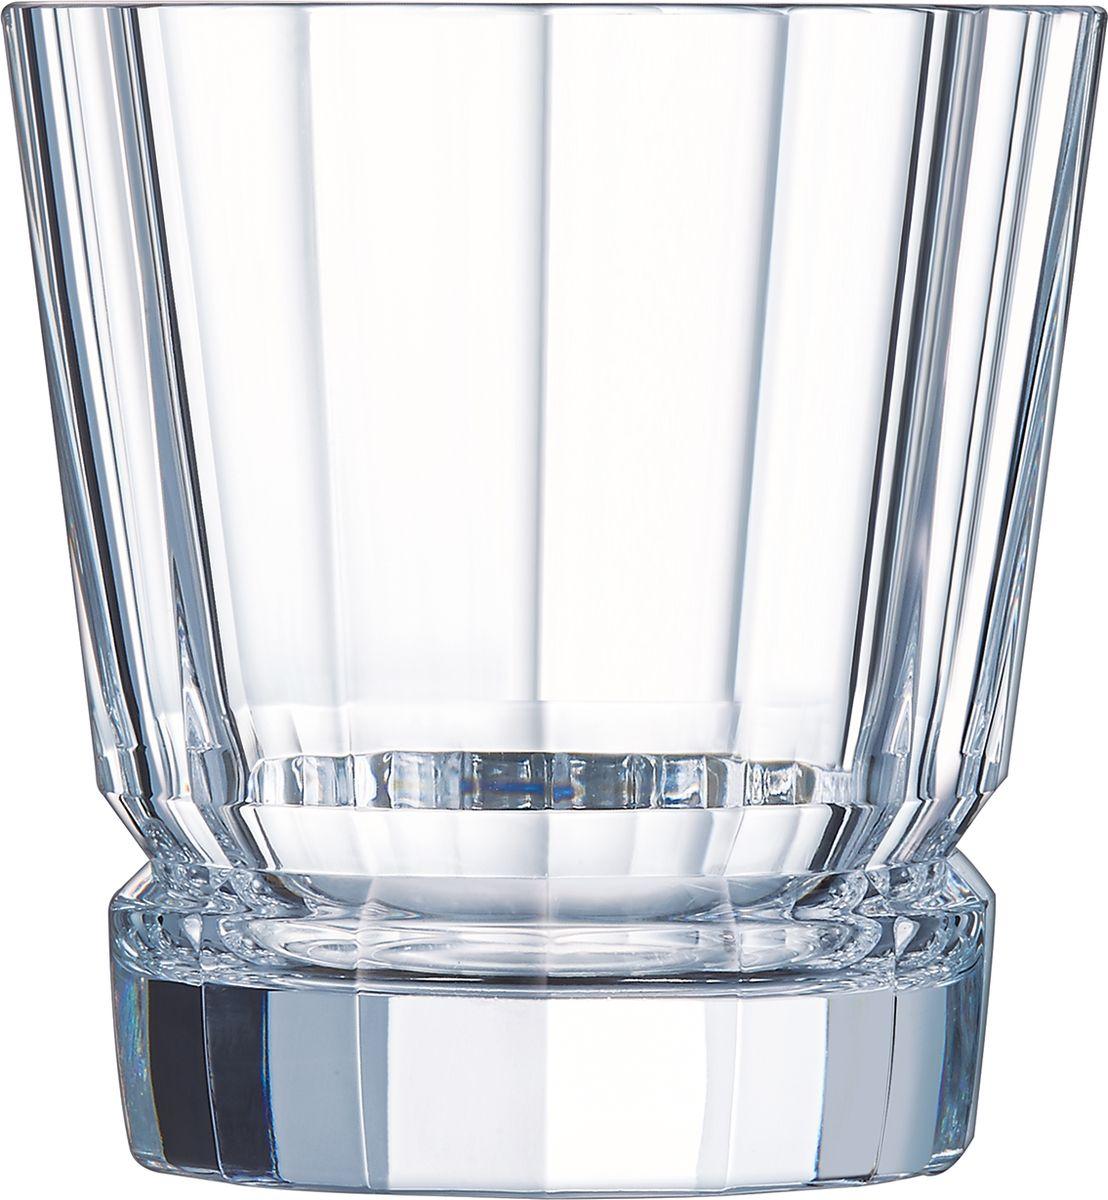 Набор стаканов Cristal dArques Macassar, 320 мл, 6 шт. L6609L6609Прямые грани и уникальный блеск коллекции Macassar переносят нас в мир высокой моды ар-деко. Вечные складки. Прямые бокалы из коллекции Macassar переносят нас в мир высокой моды ар-деко. Они выделяются изысканностью текучих складок от ножек до верха и единством симметричных линий. Как модницы безумных двадцатых, украшаясь тюрбанами и султанами, открывали свободу движения в мягкой драпировке, так бокалы в несравненном блеске хрусталя радуются свободе стиля и чистоте прямых и закругленных граней. Подобно тому, как современный кутюрье пересматривает вечные мотивы моды, эти текучие и геометрические скульптуры смело нарушают условности и утверждают смелость на вашем столе.